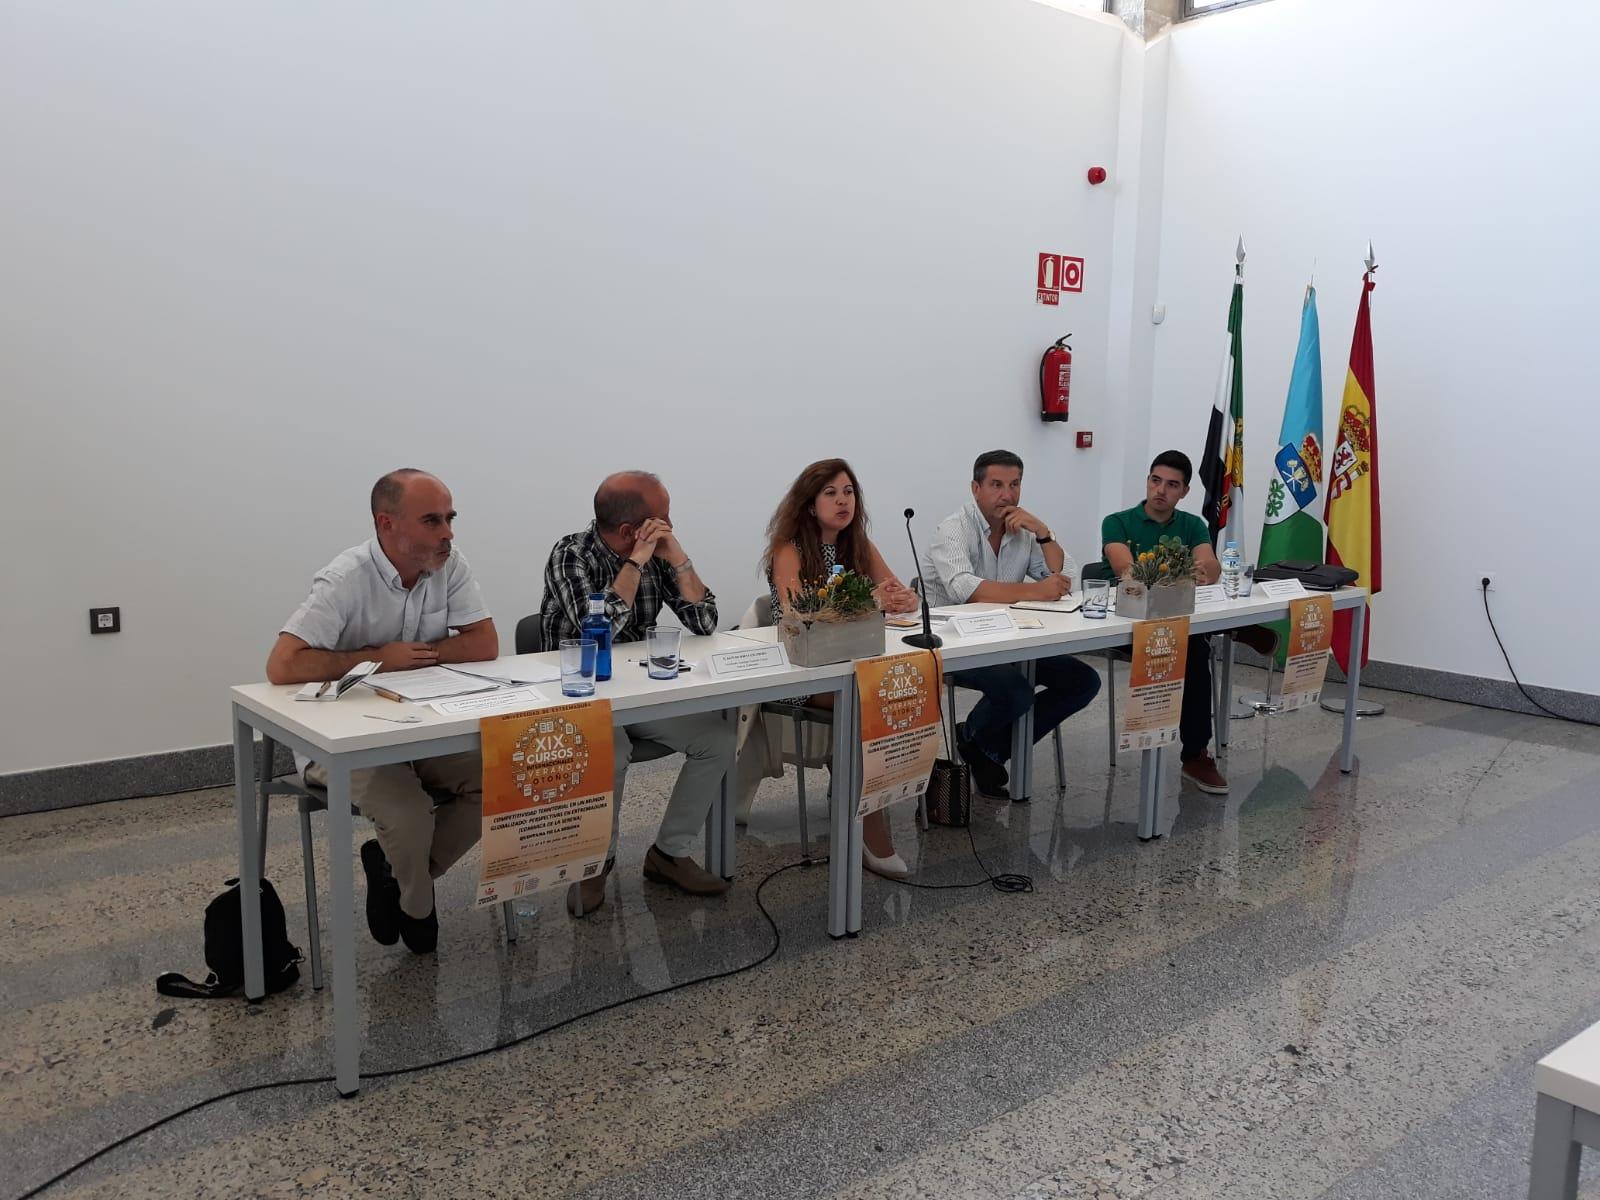 Calendario Uex.Aje Extremadura En Los Cursos De Verano De La Uex Aje Extremadura